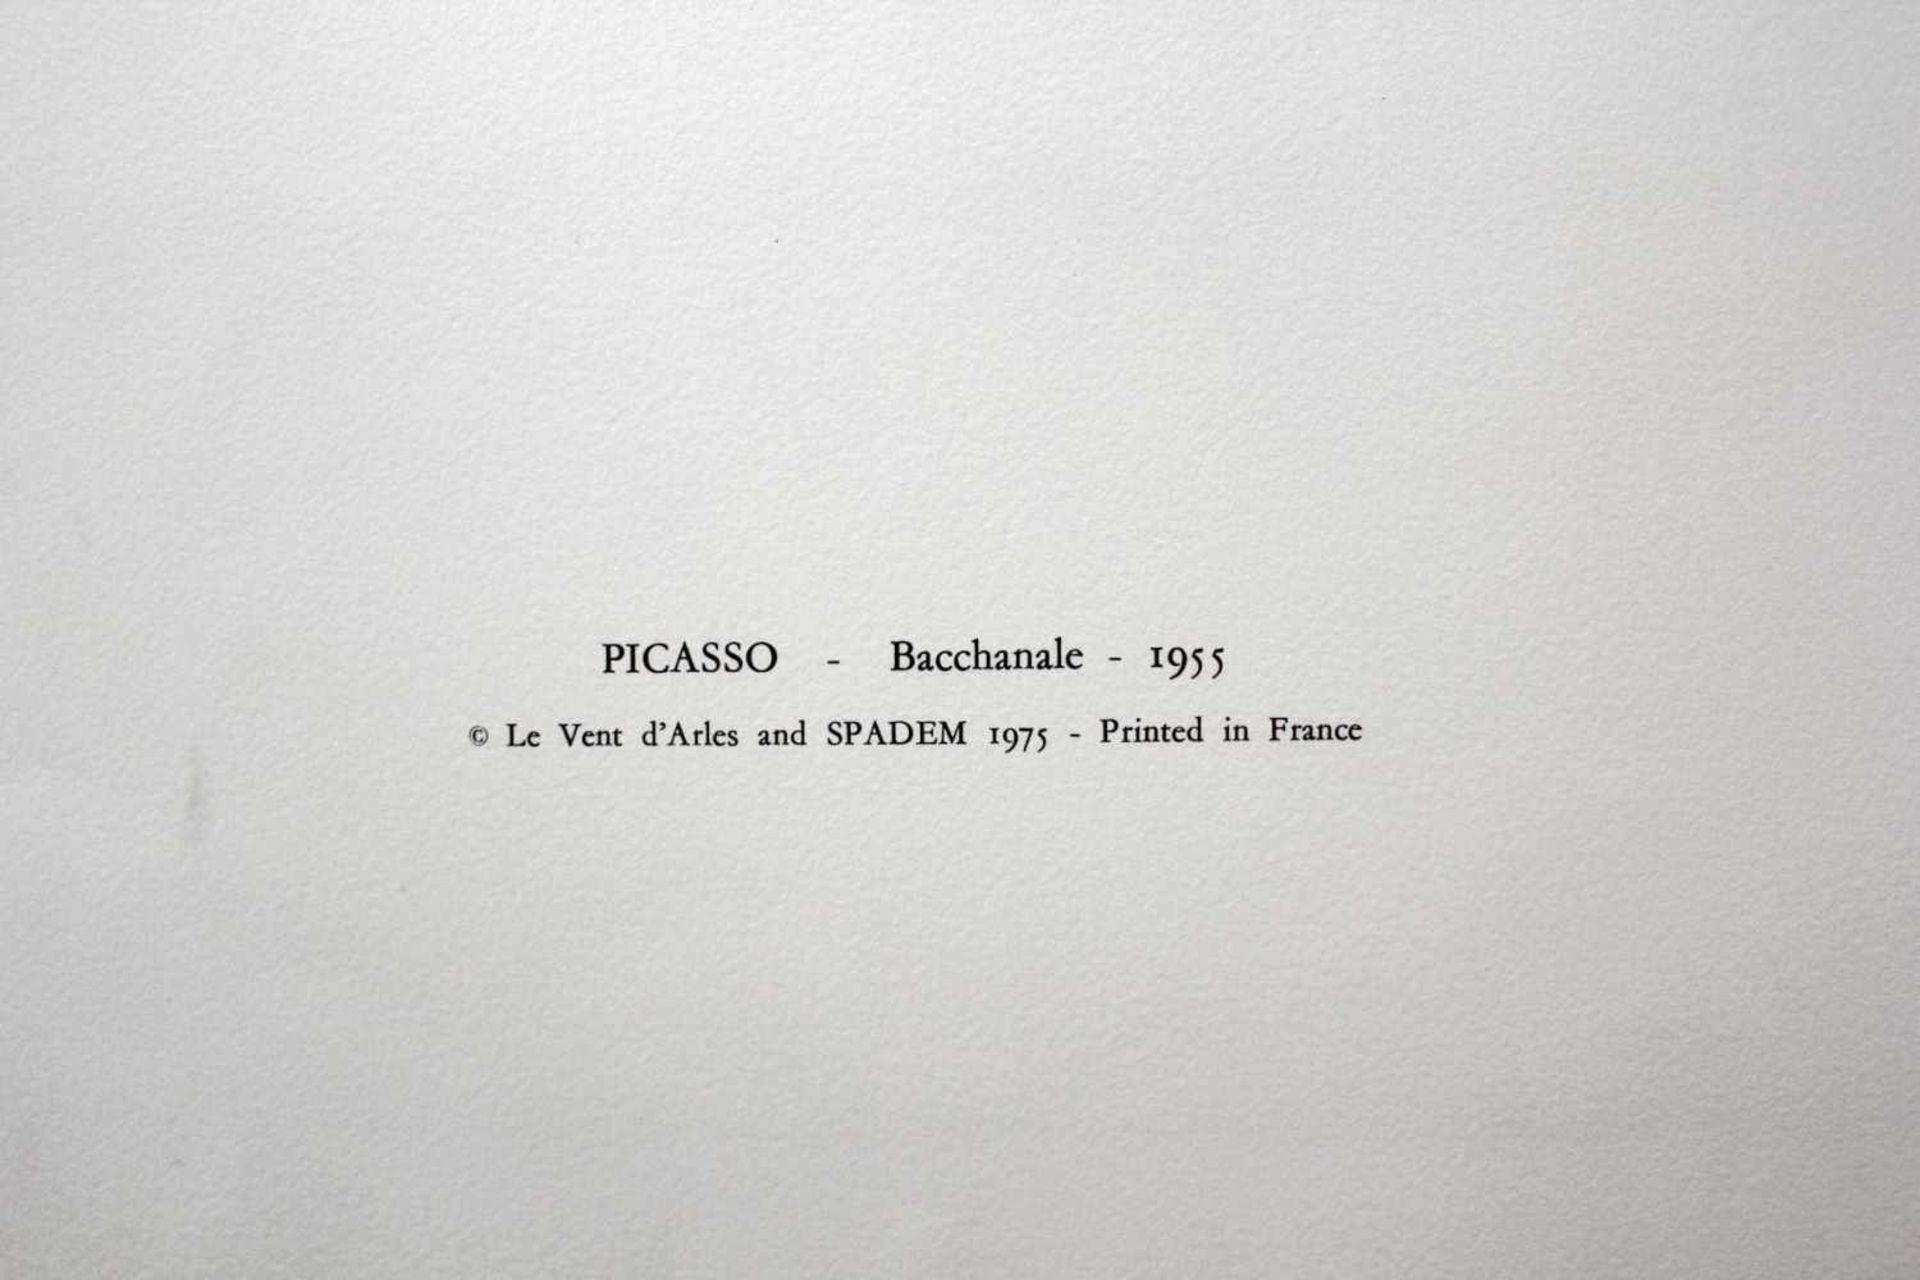 """Pablo Picasso 1881 - 1973 """"Bacchanale"""" 1955 Pochoir Lithographie stempelsigniert, Stempel Verso ("""" - Bild 4 aus 5"""